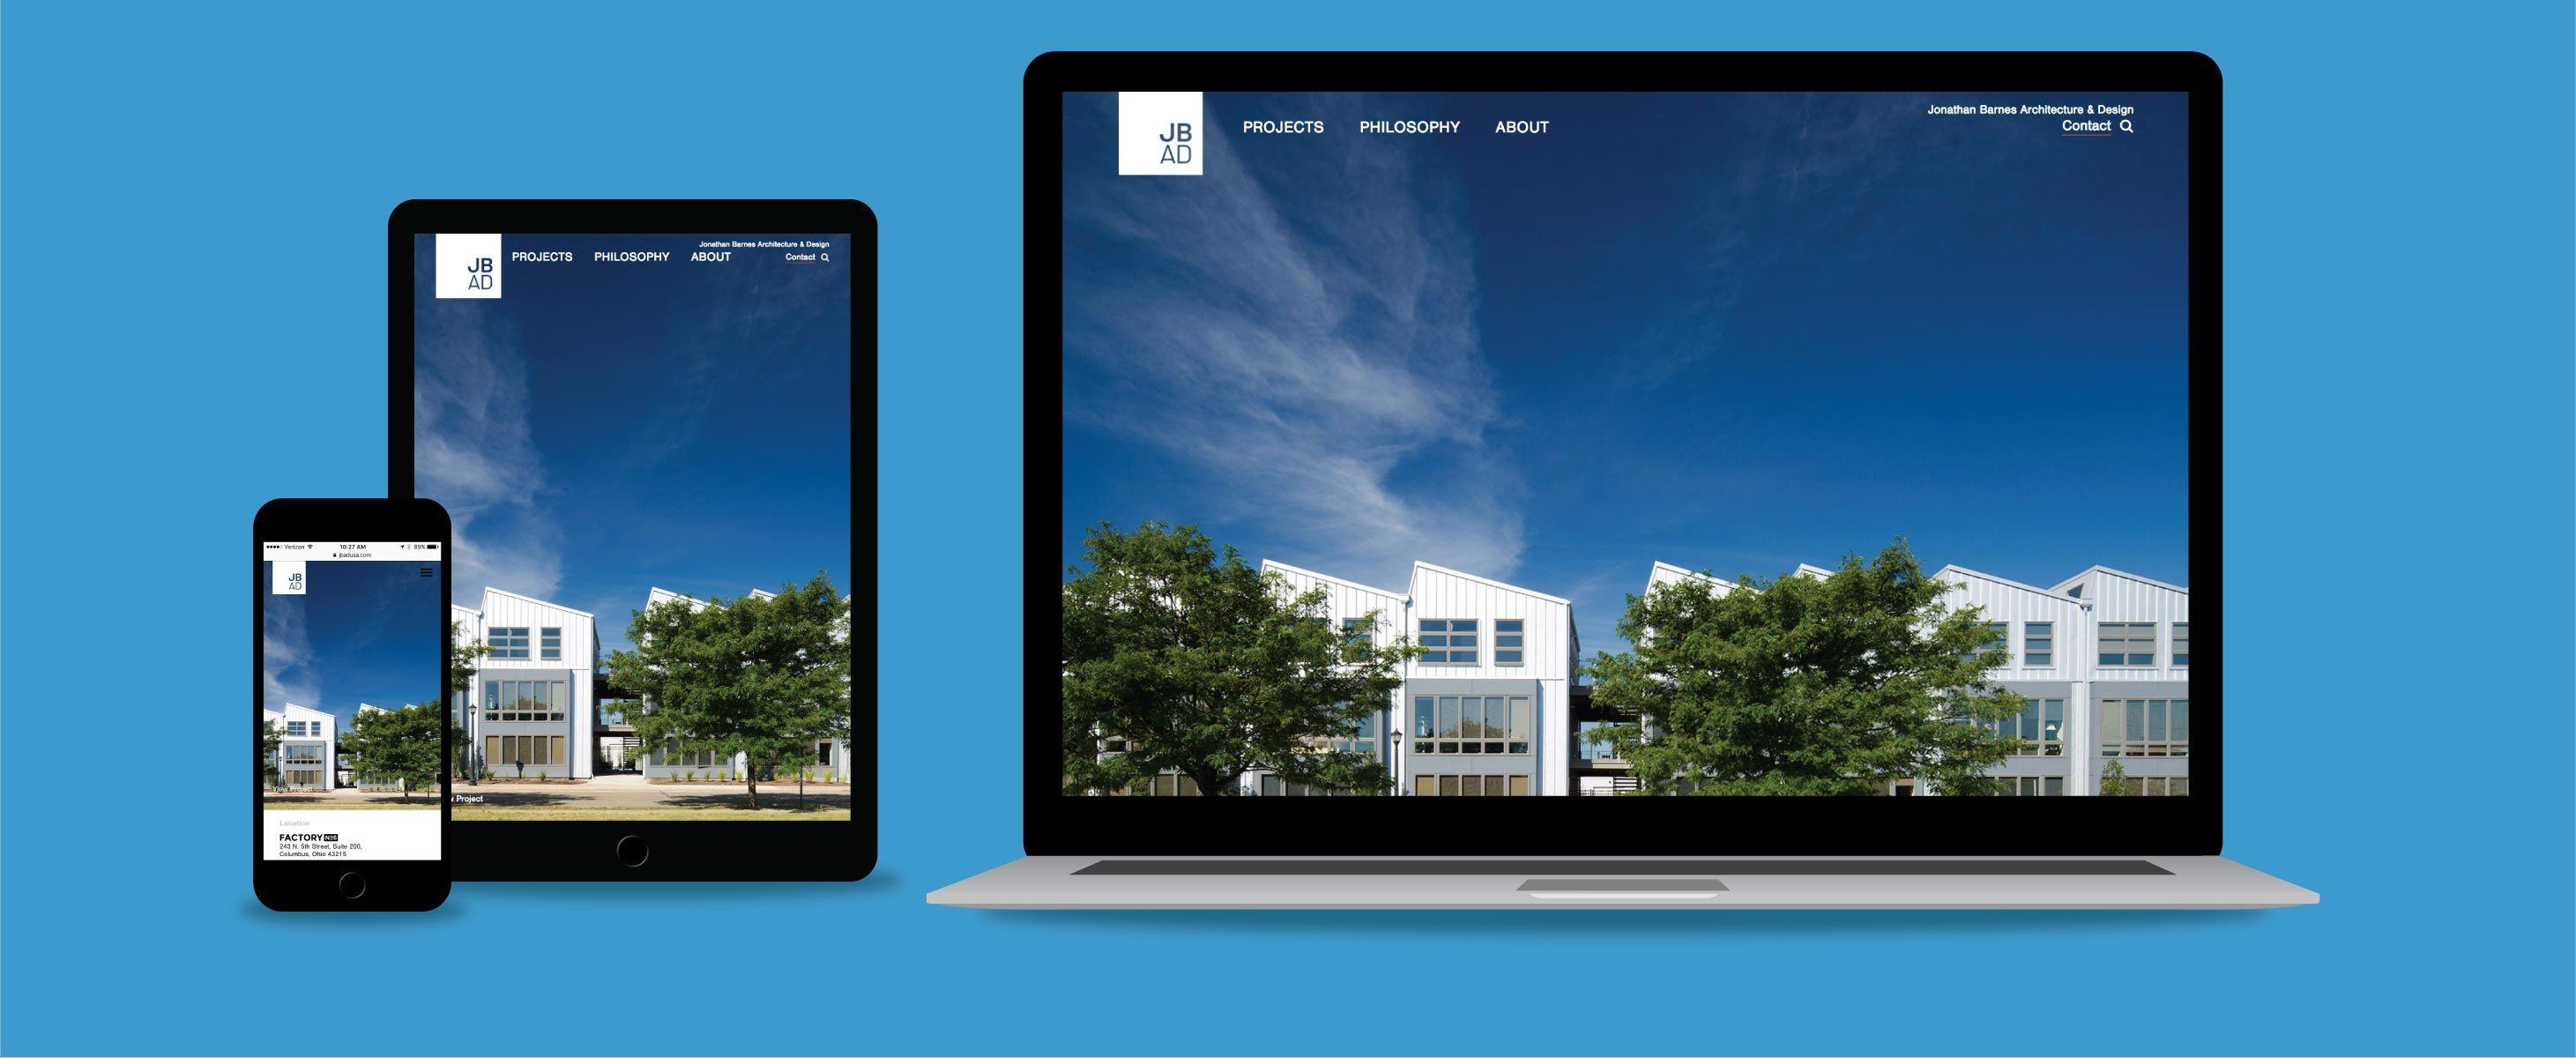 Jbad Website Website Design Design Development Website Redesign